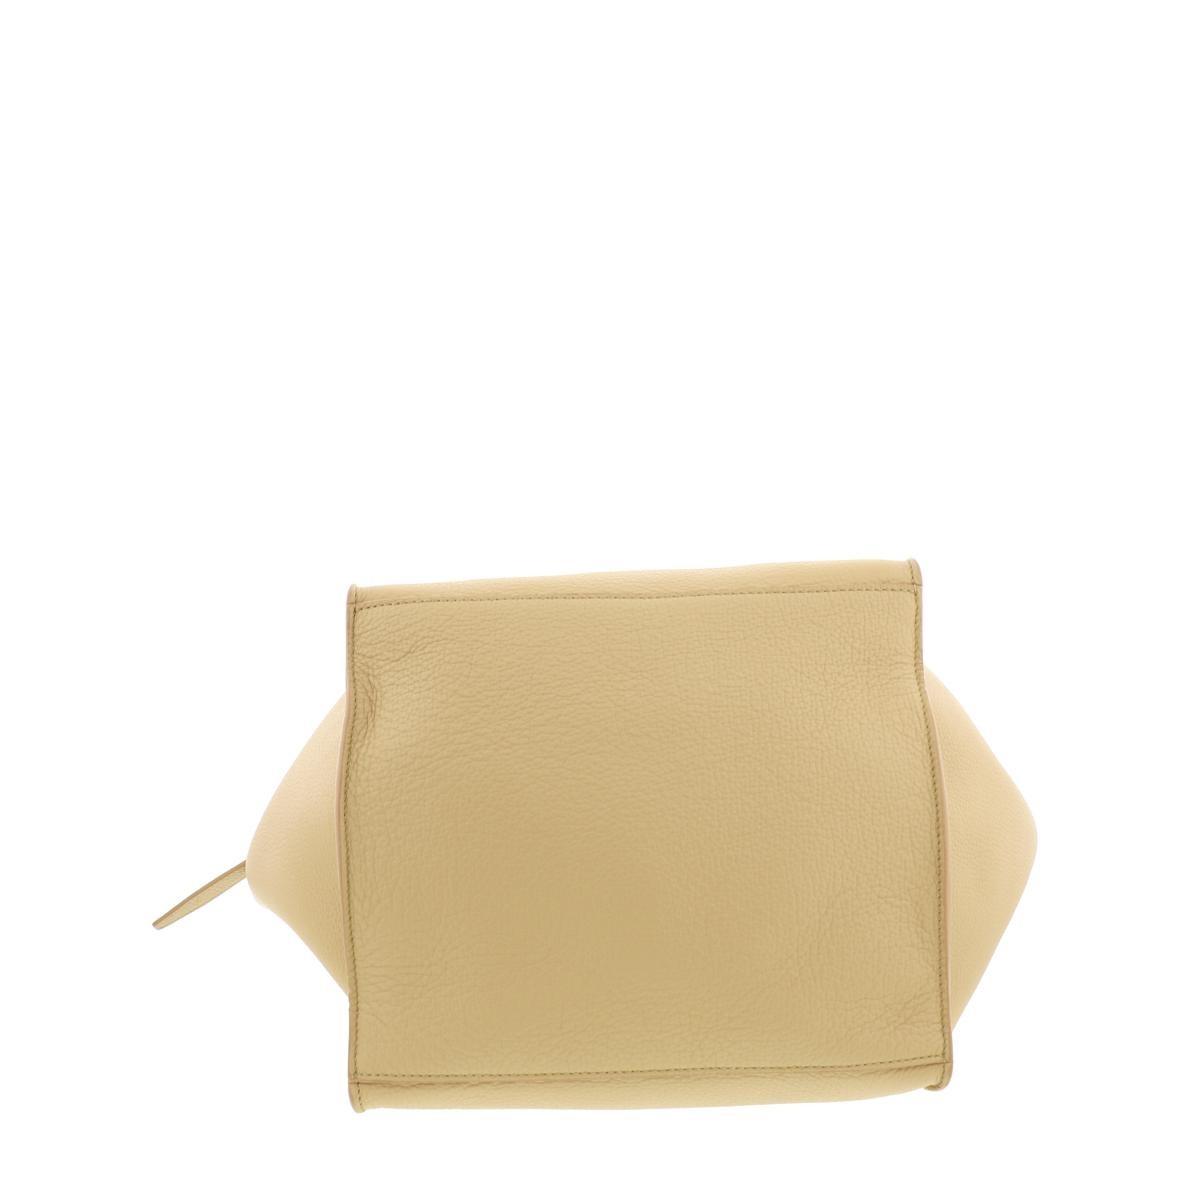 【最終値下げ品】【即日発送・水曜定休日・木曜発送】【美品】CELINE (セリーヌ) ビッグバッグ スモール バッグ ハンドバッグ Big bag Beige/ベージュ 189313A4U used:A